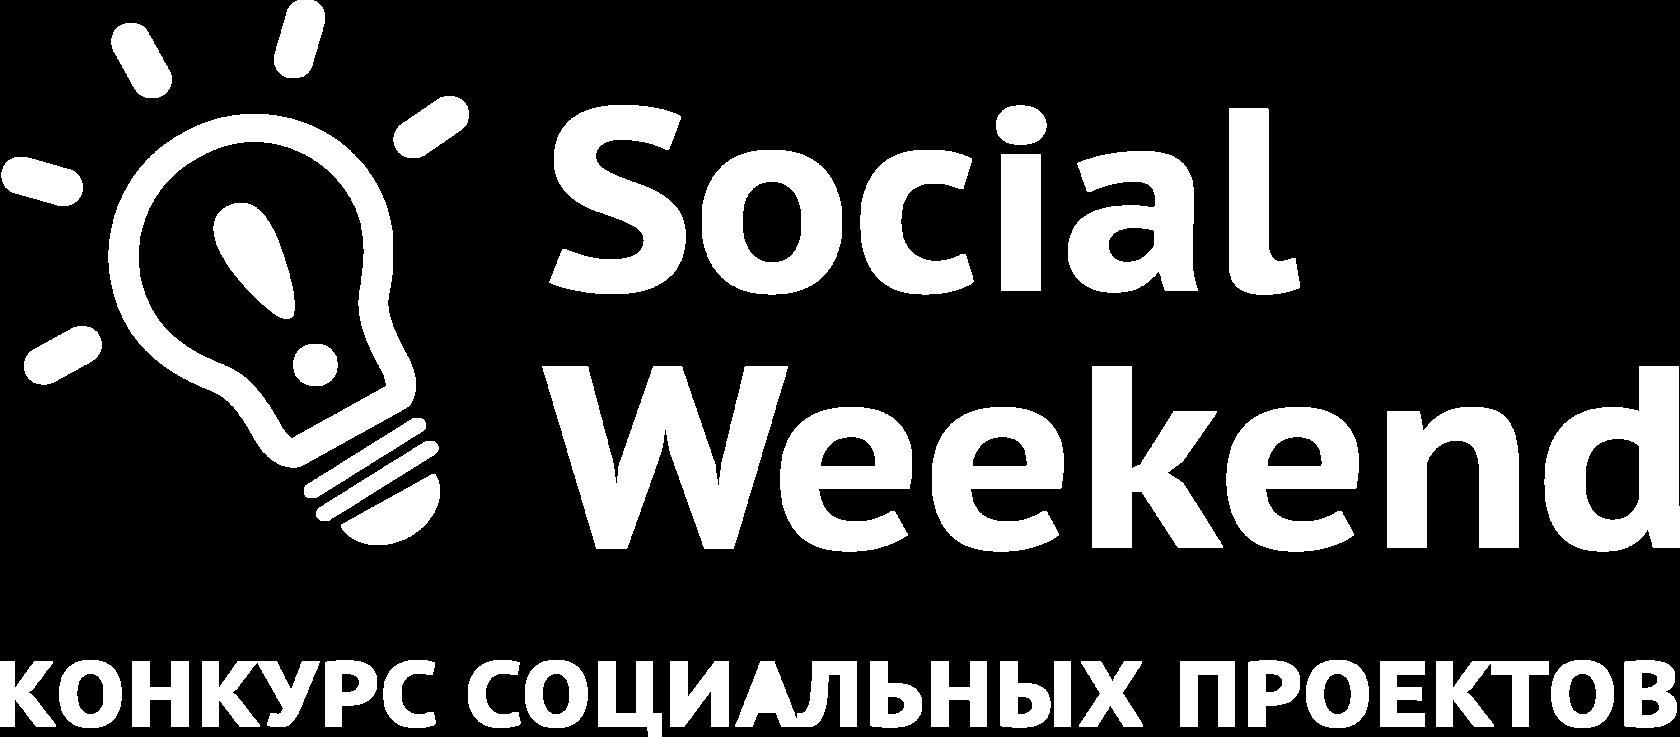 Партн ры для секса в белоруси